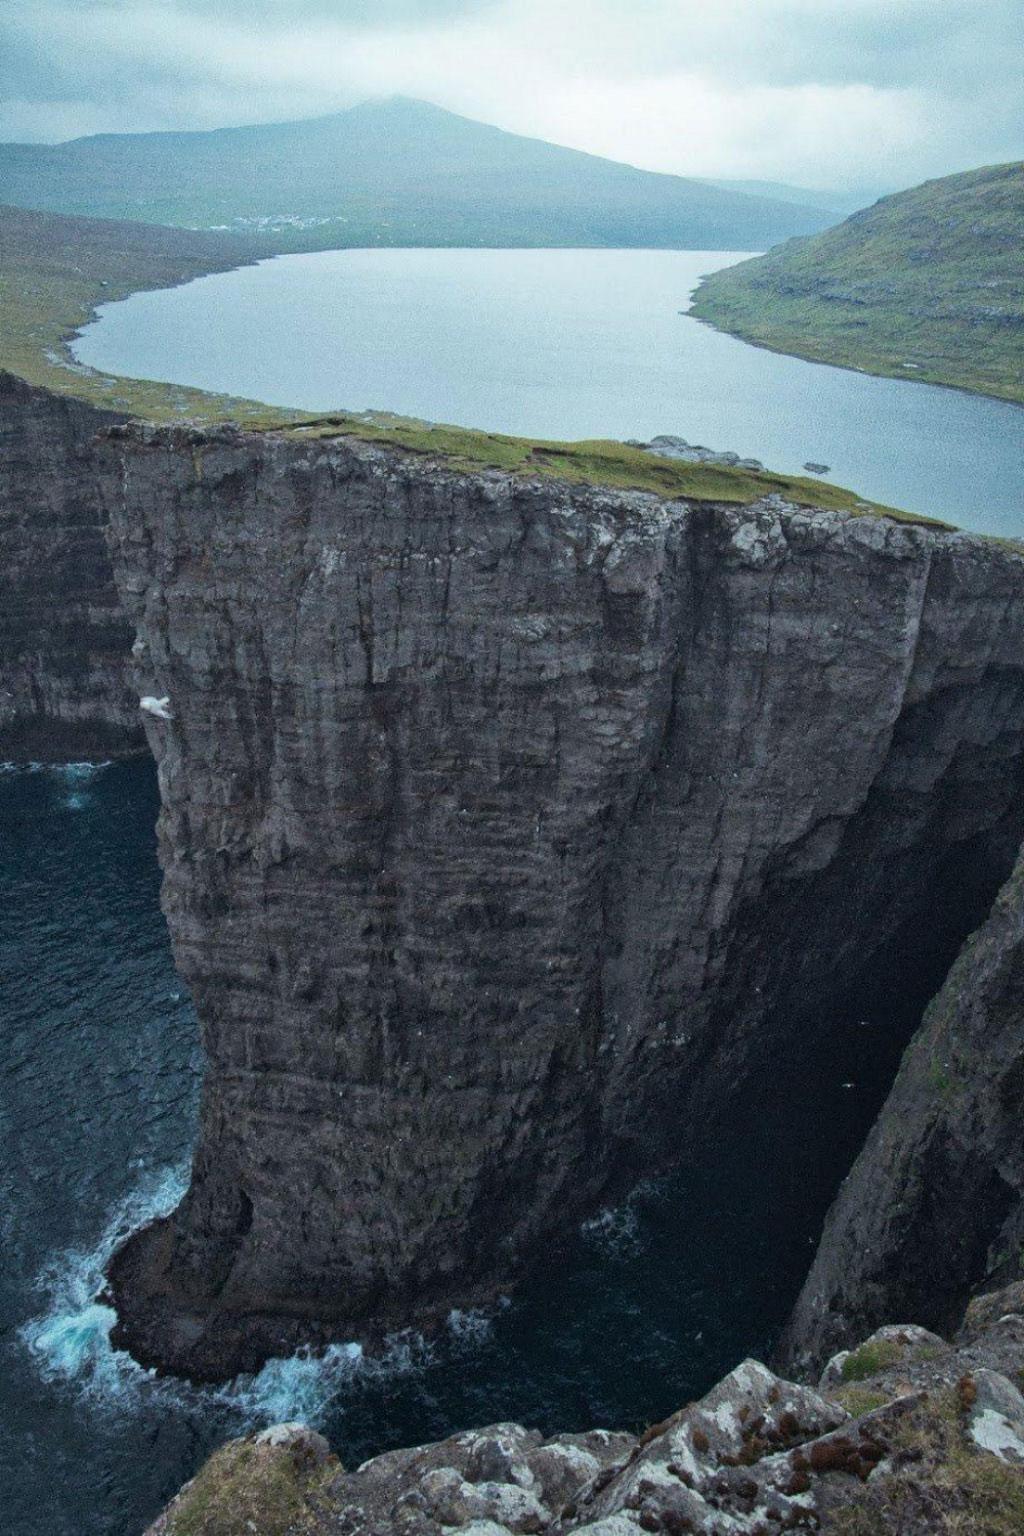 Hồ Faroe Islands, Sørvágsvatn như là treo lơ lửng trên biển